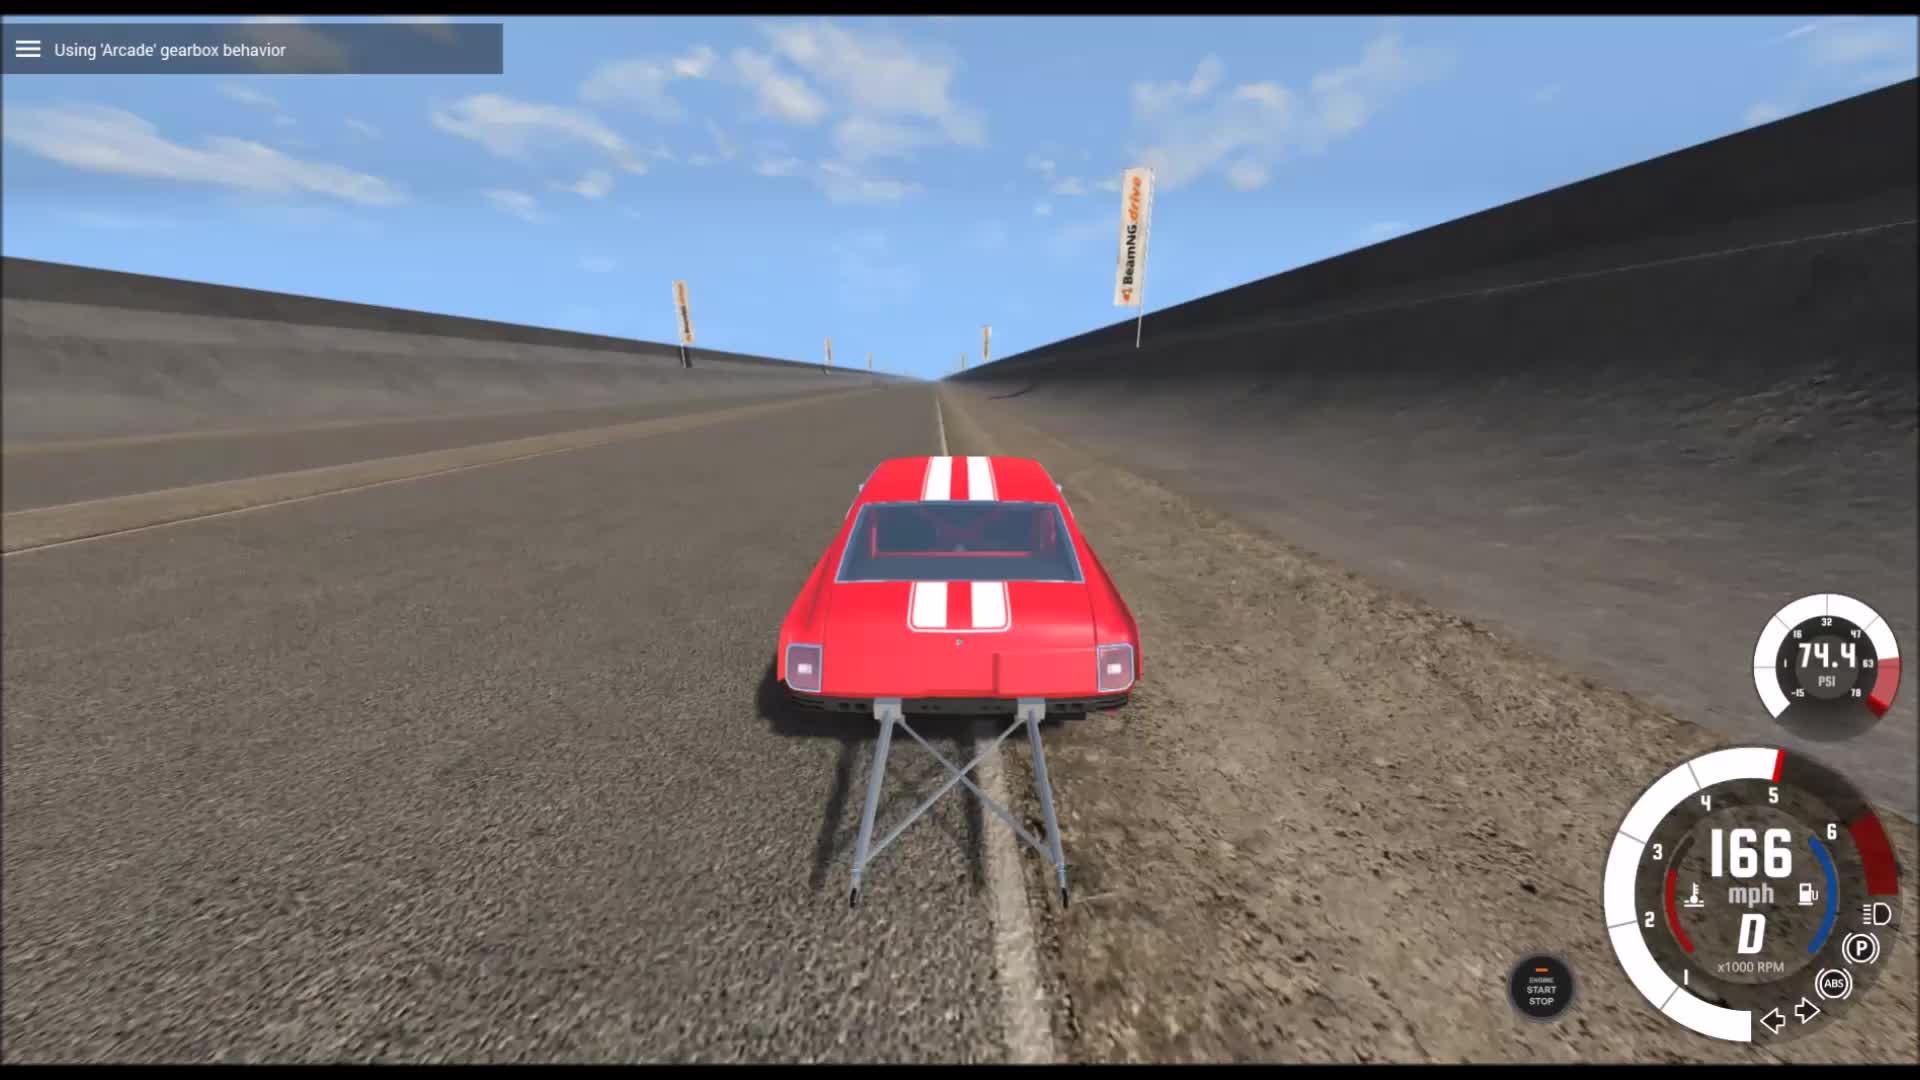 cars GIFs